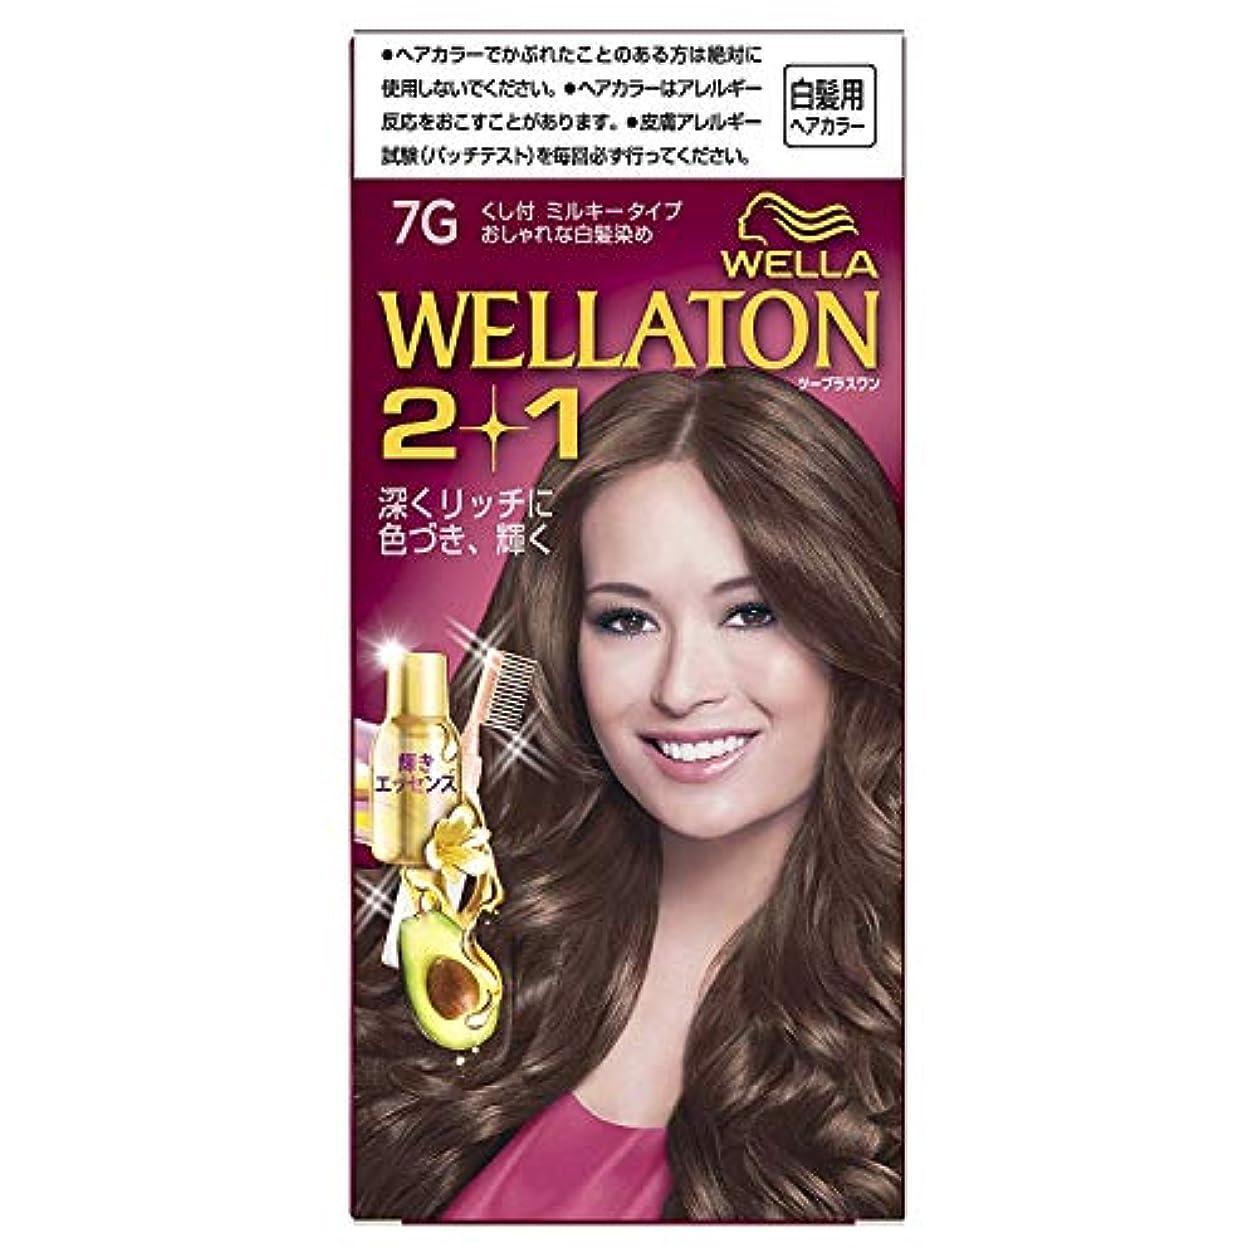 くつろぐ牽引壊滅的なウエラトーン2+1 白髪染め くし付ミルキータイプ 7G [医薬部外品] ×6個